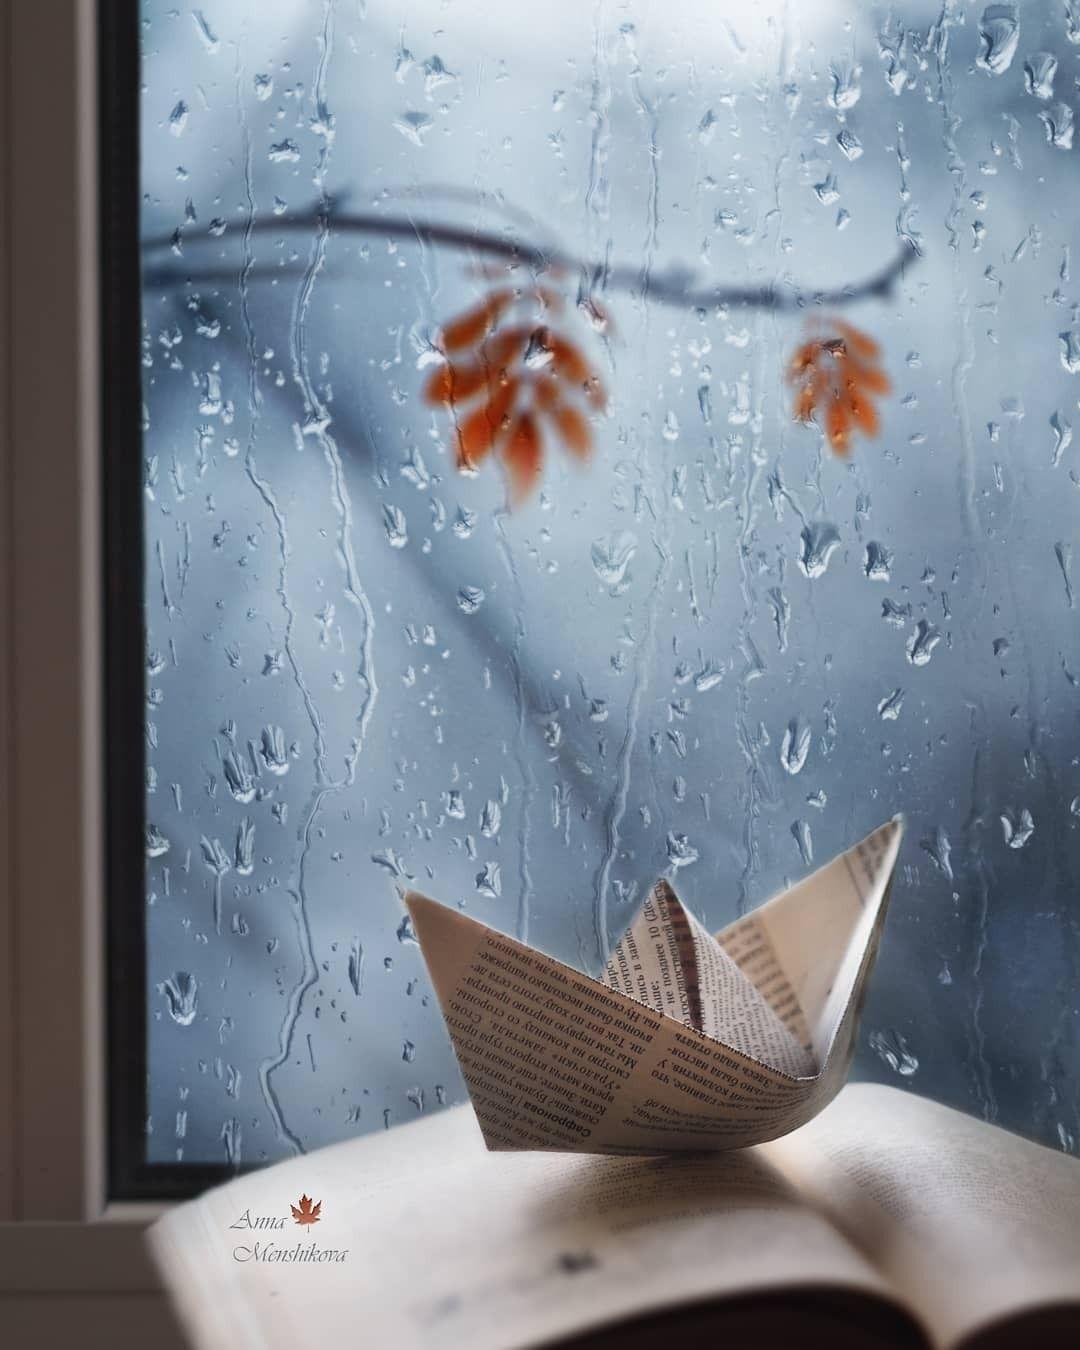 Рисунок дождь за окном, днем